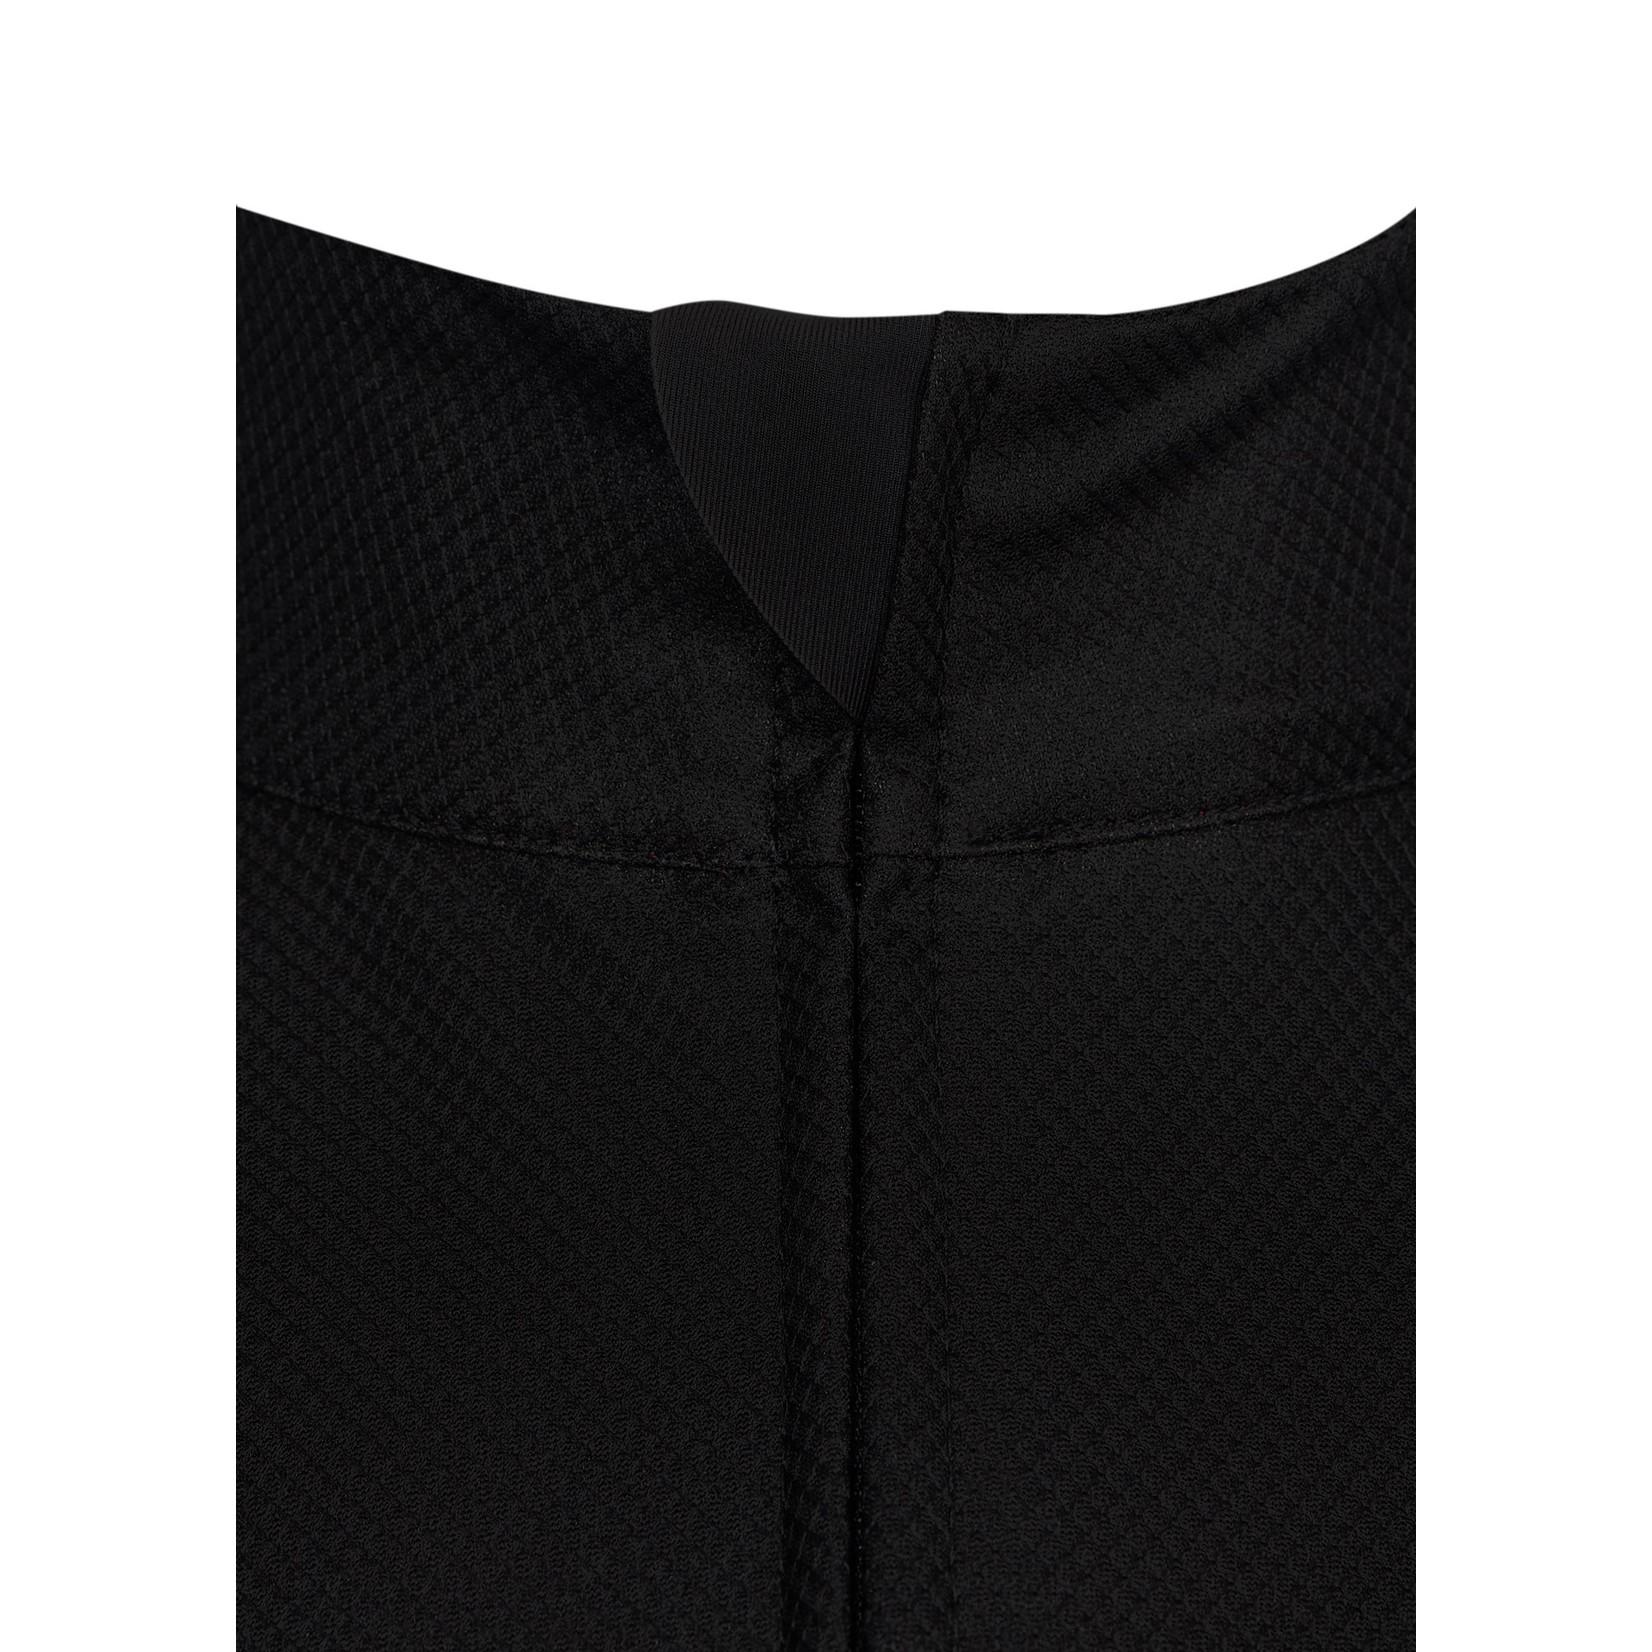 Lapierre Vest Ultimate Windbreaker Men Black 2021